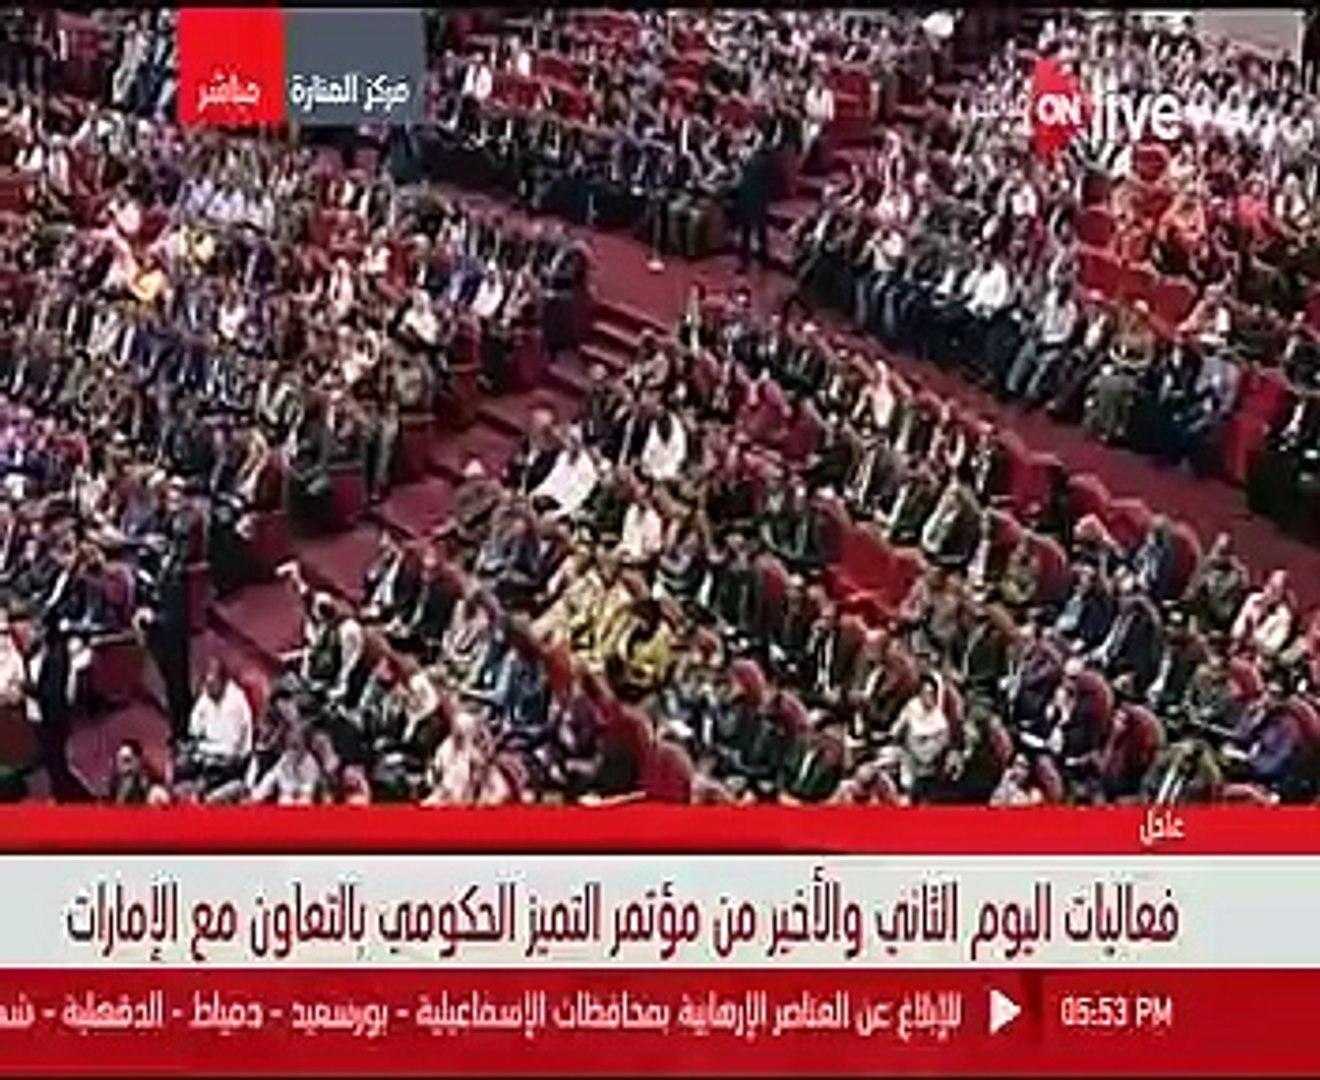 وزيرة التخطيط: جائزة مصر للتميز الحكومى نموذج للتعاون بين مصر والإمارات